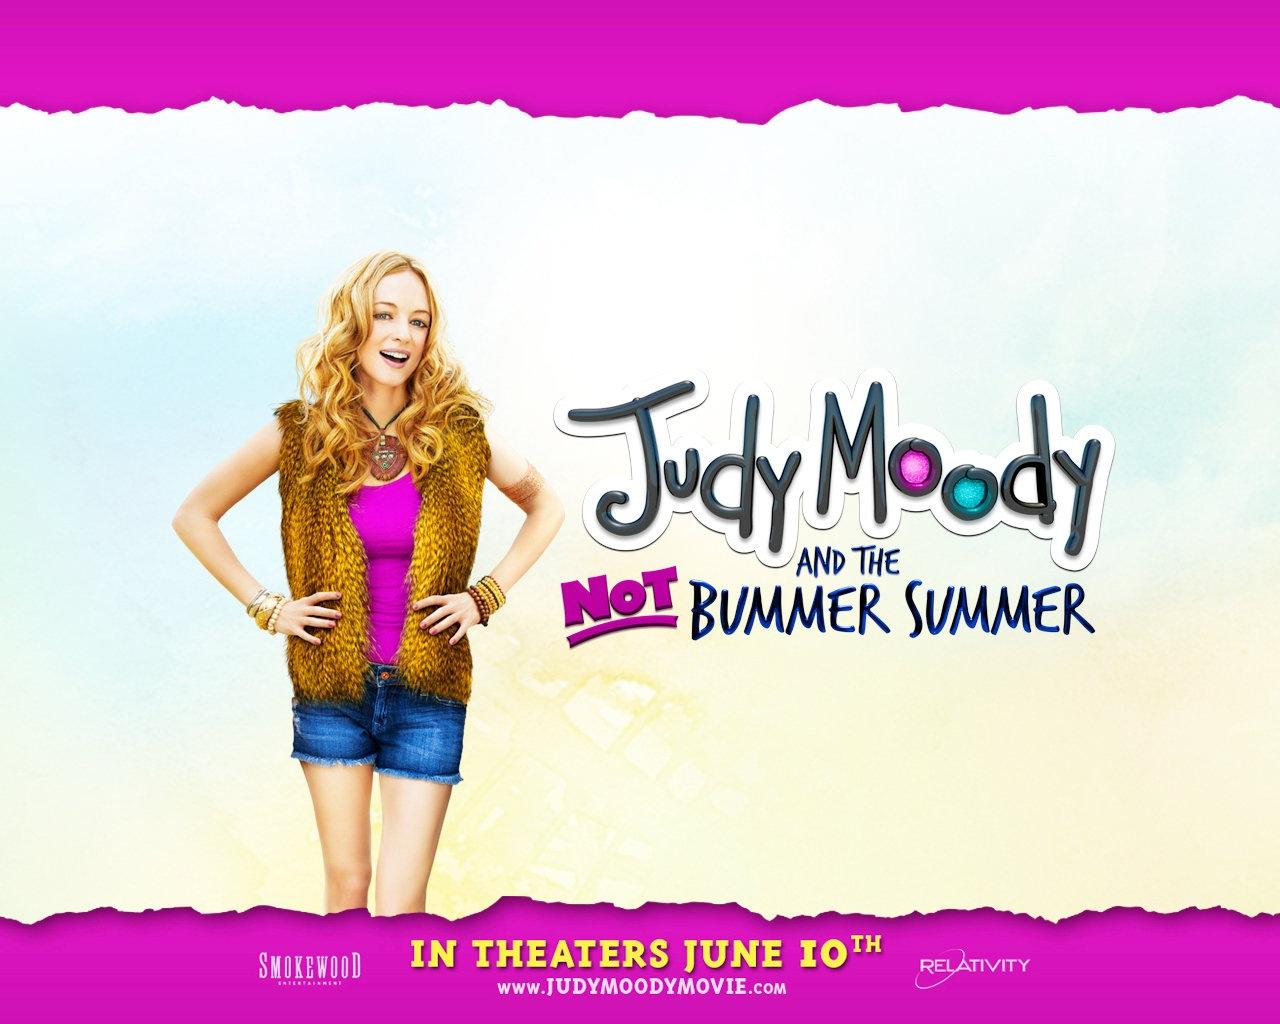 http://3.bp.blogspot.com/-zLNG96qKkDM/Te9gpWgwQWI/AAAAAAAAAEQ/D2xi2p4Pmb8/s1600/judy-moody-and-the-not-bummer-summer03.jpg